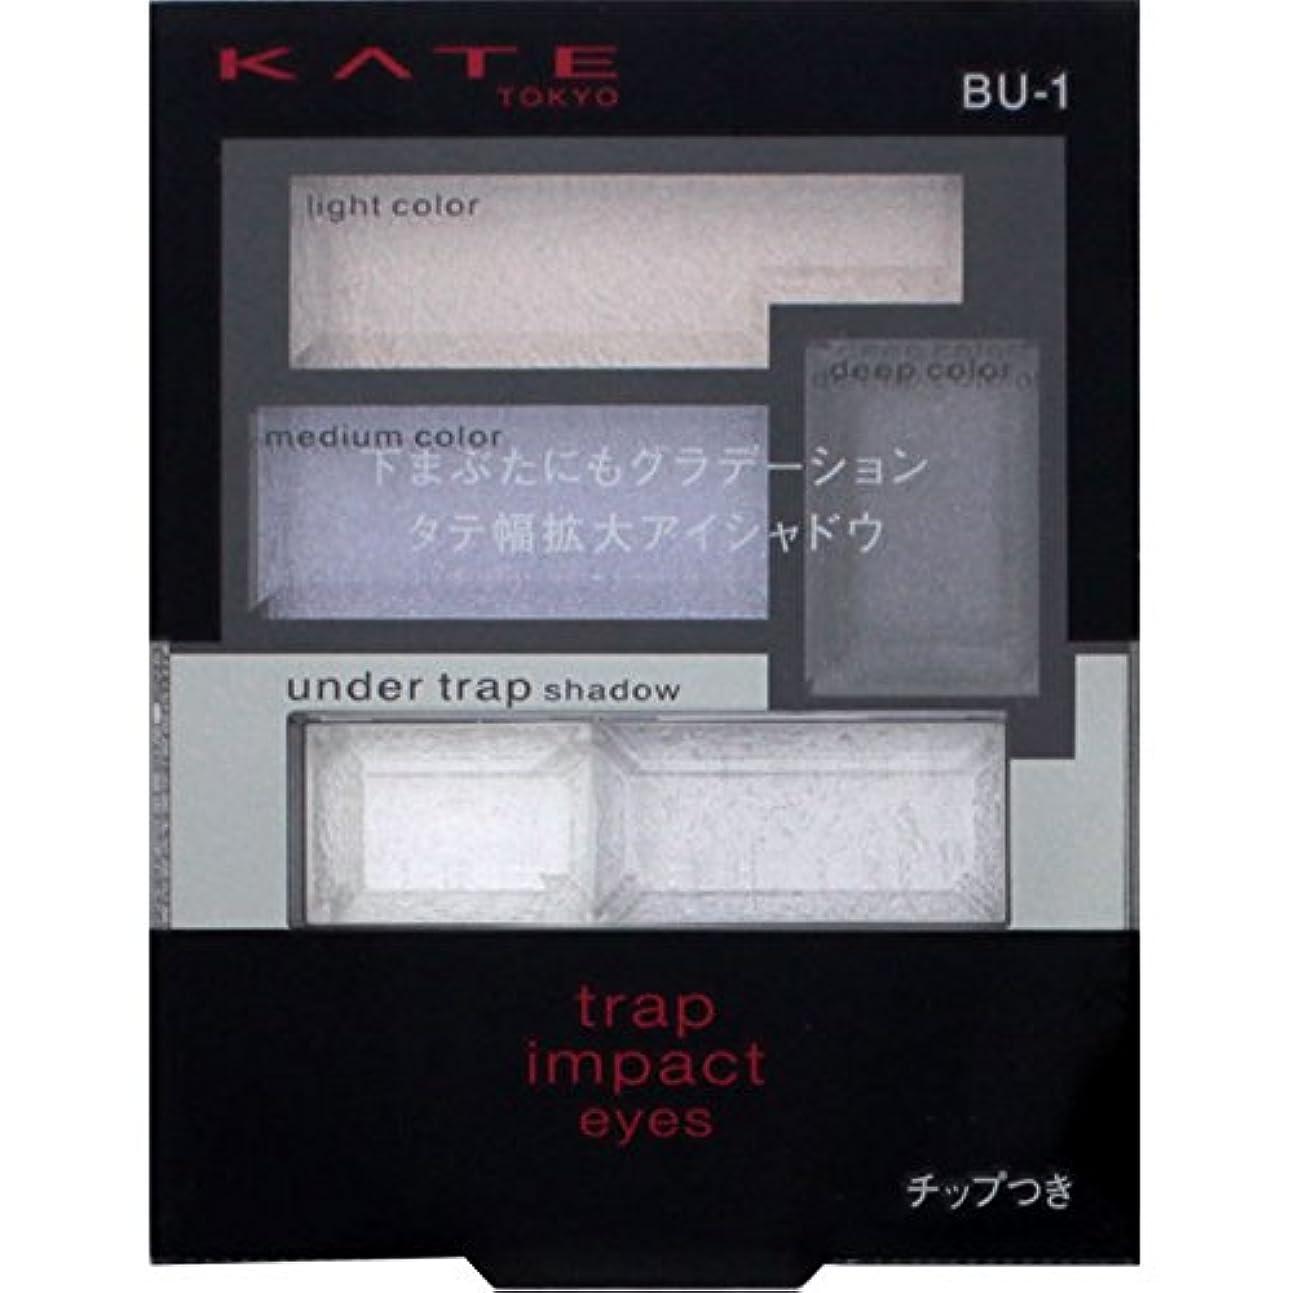 短くするピニオン作曲するカネボウ ケイト トラップインパクトアイズ BU-1